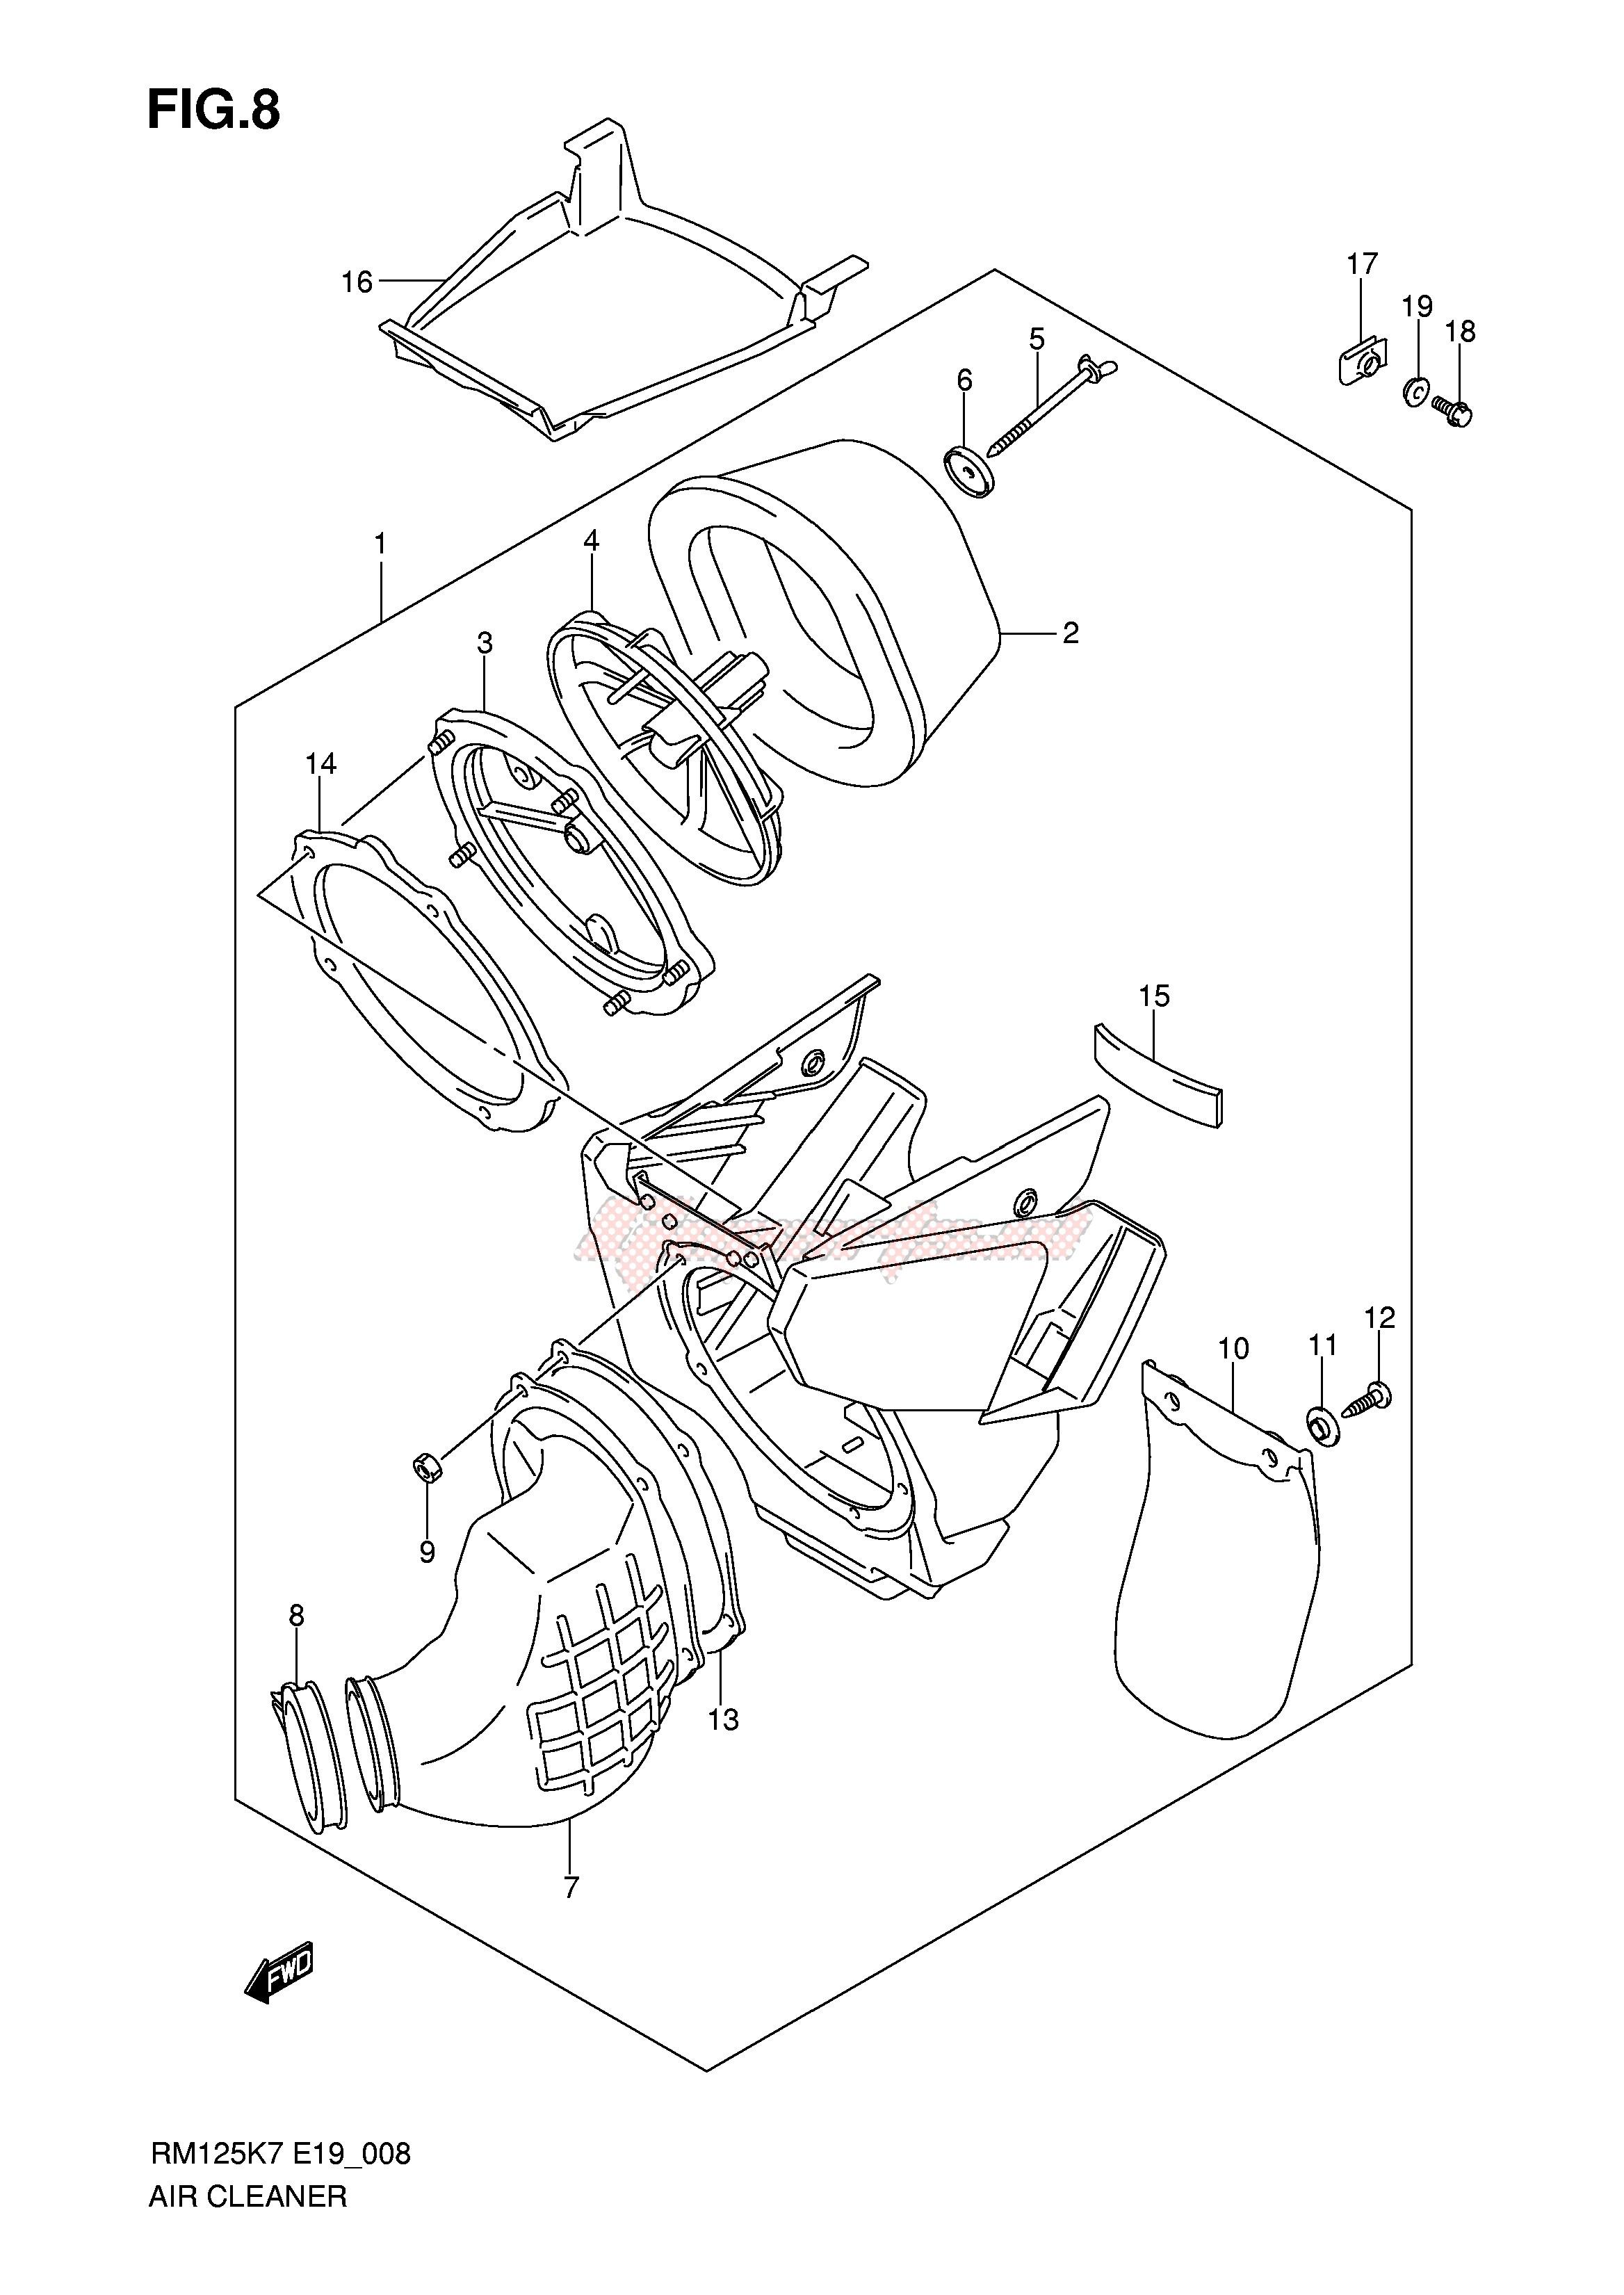 AIR CLEANER blueprint